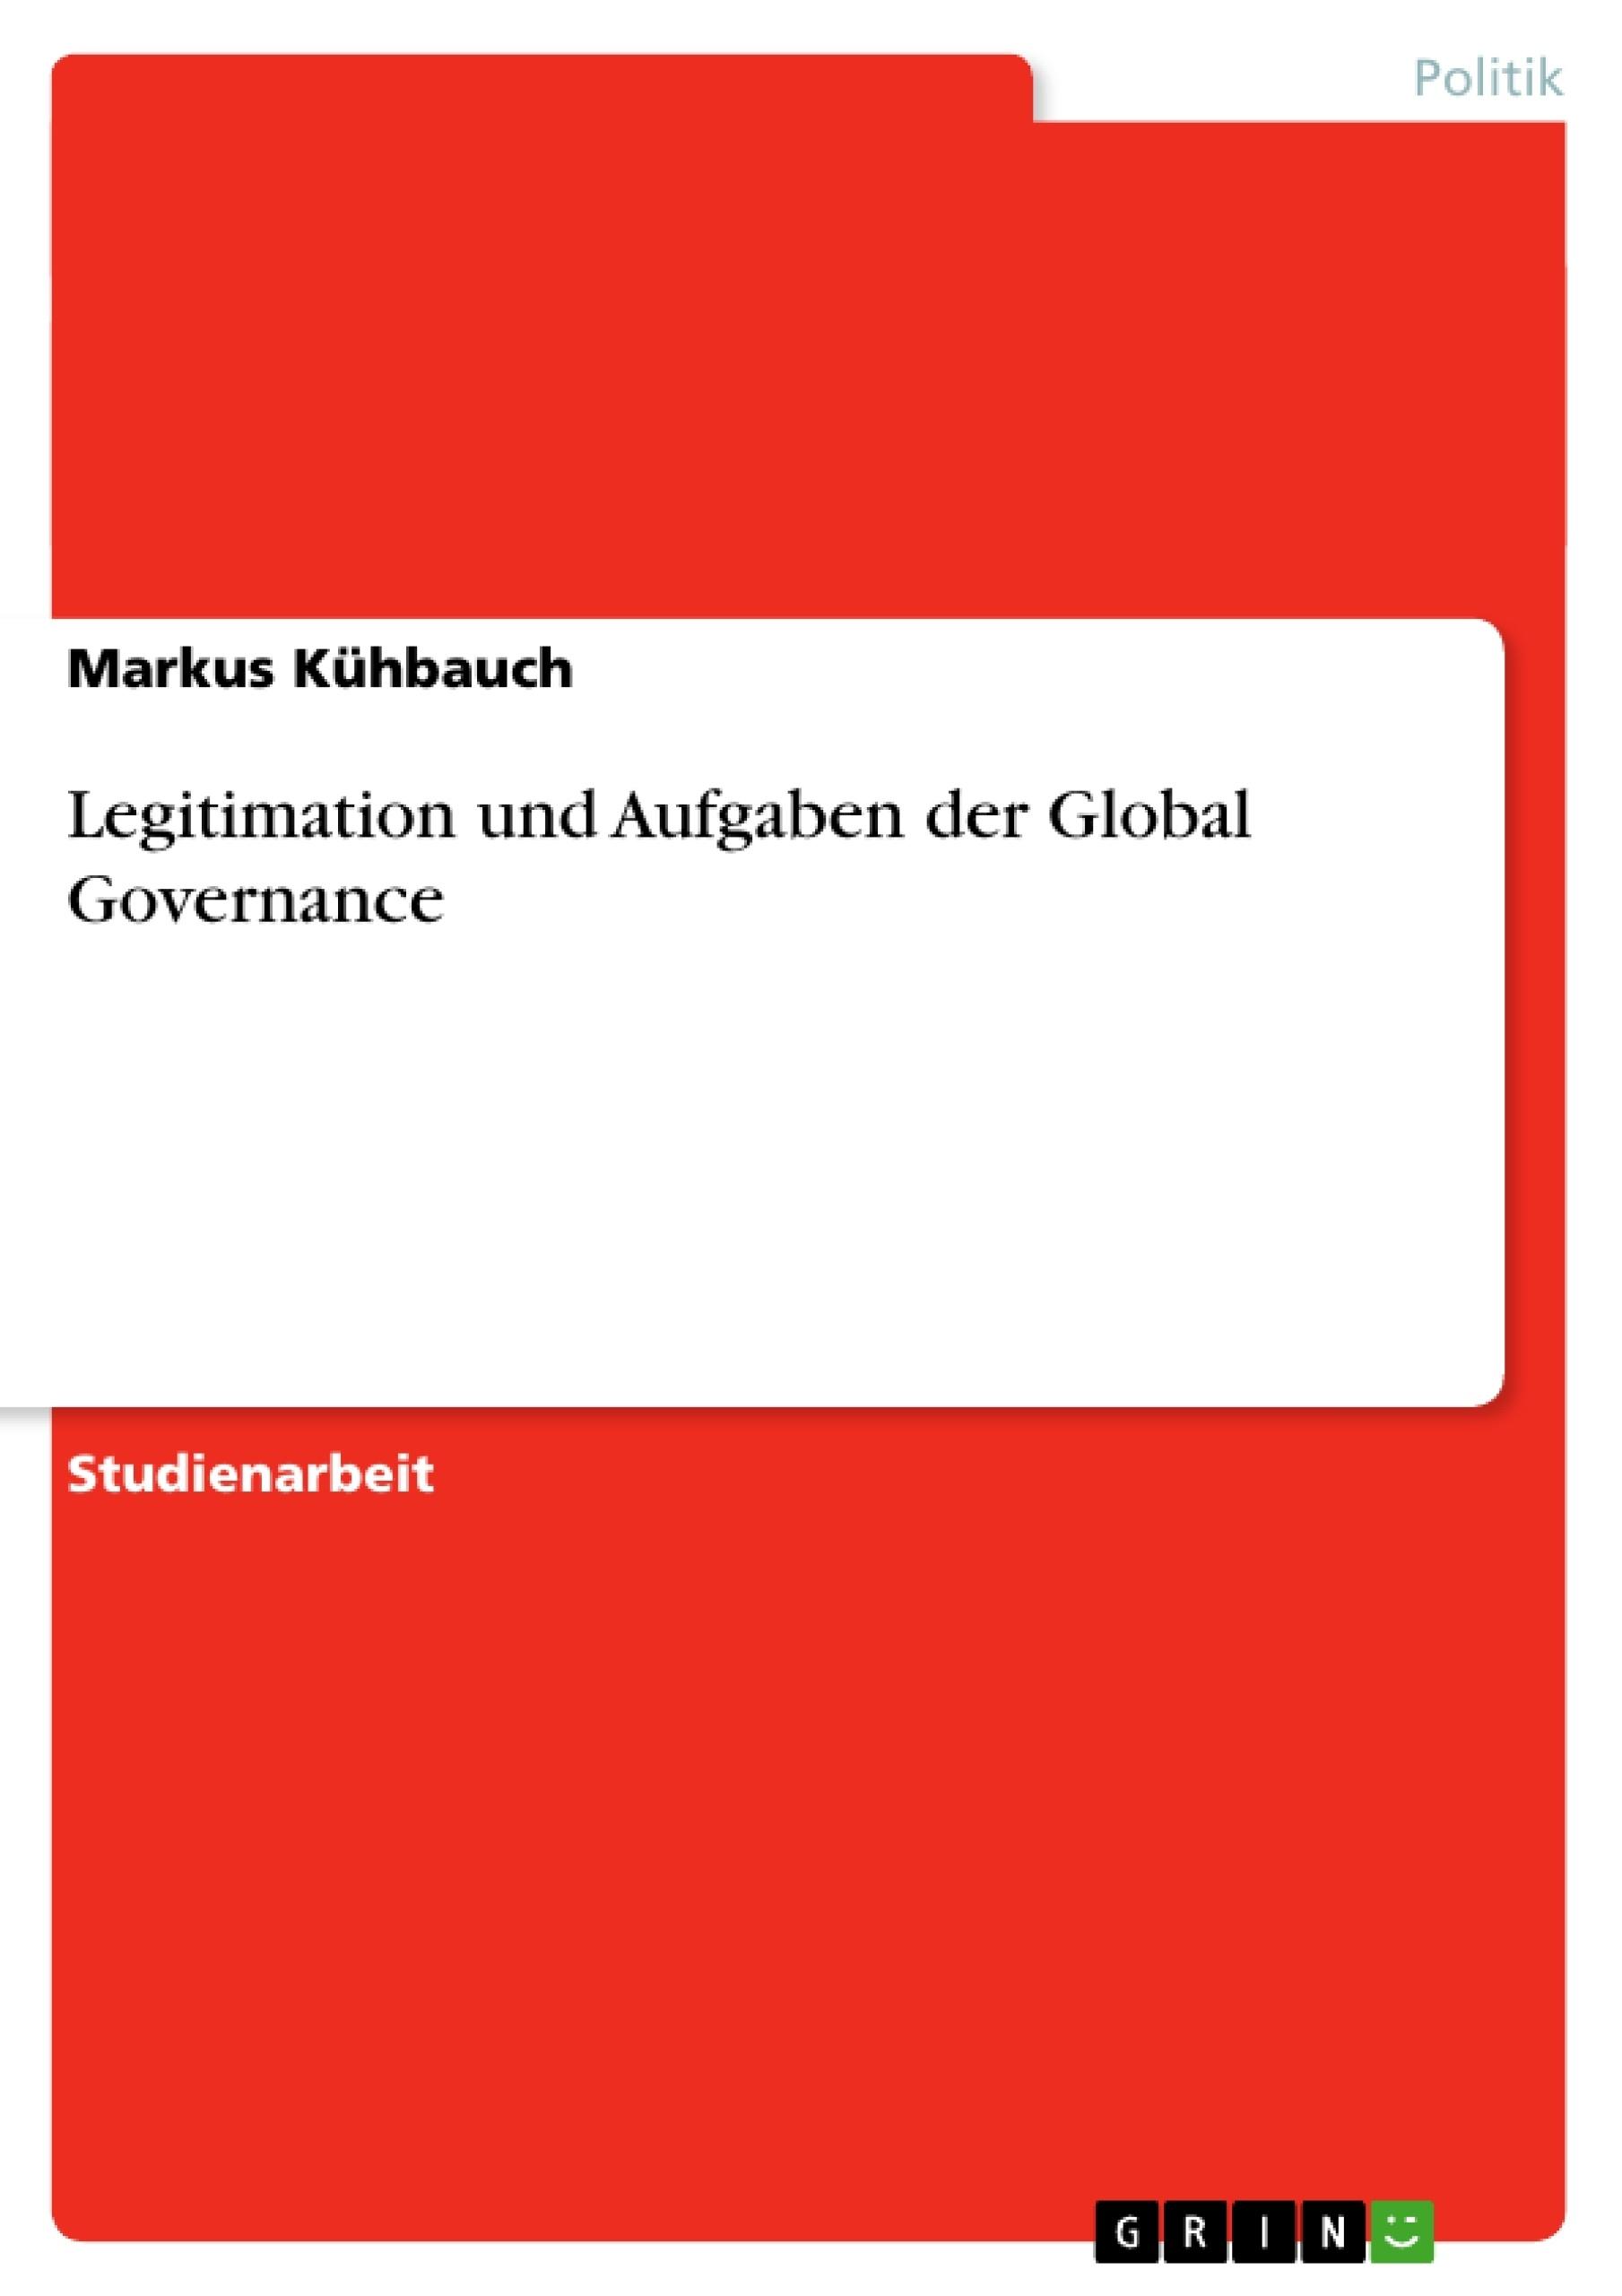 Titel: Legitimation und Aufgaben der Global Governance